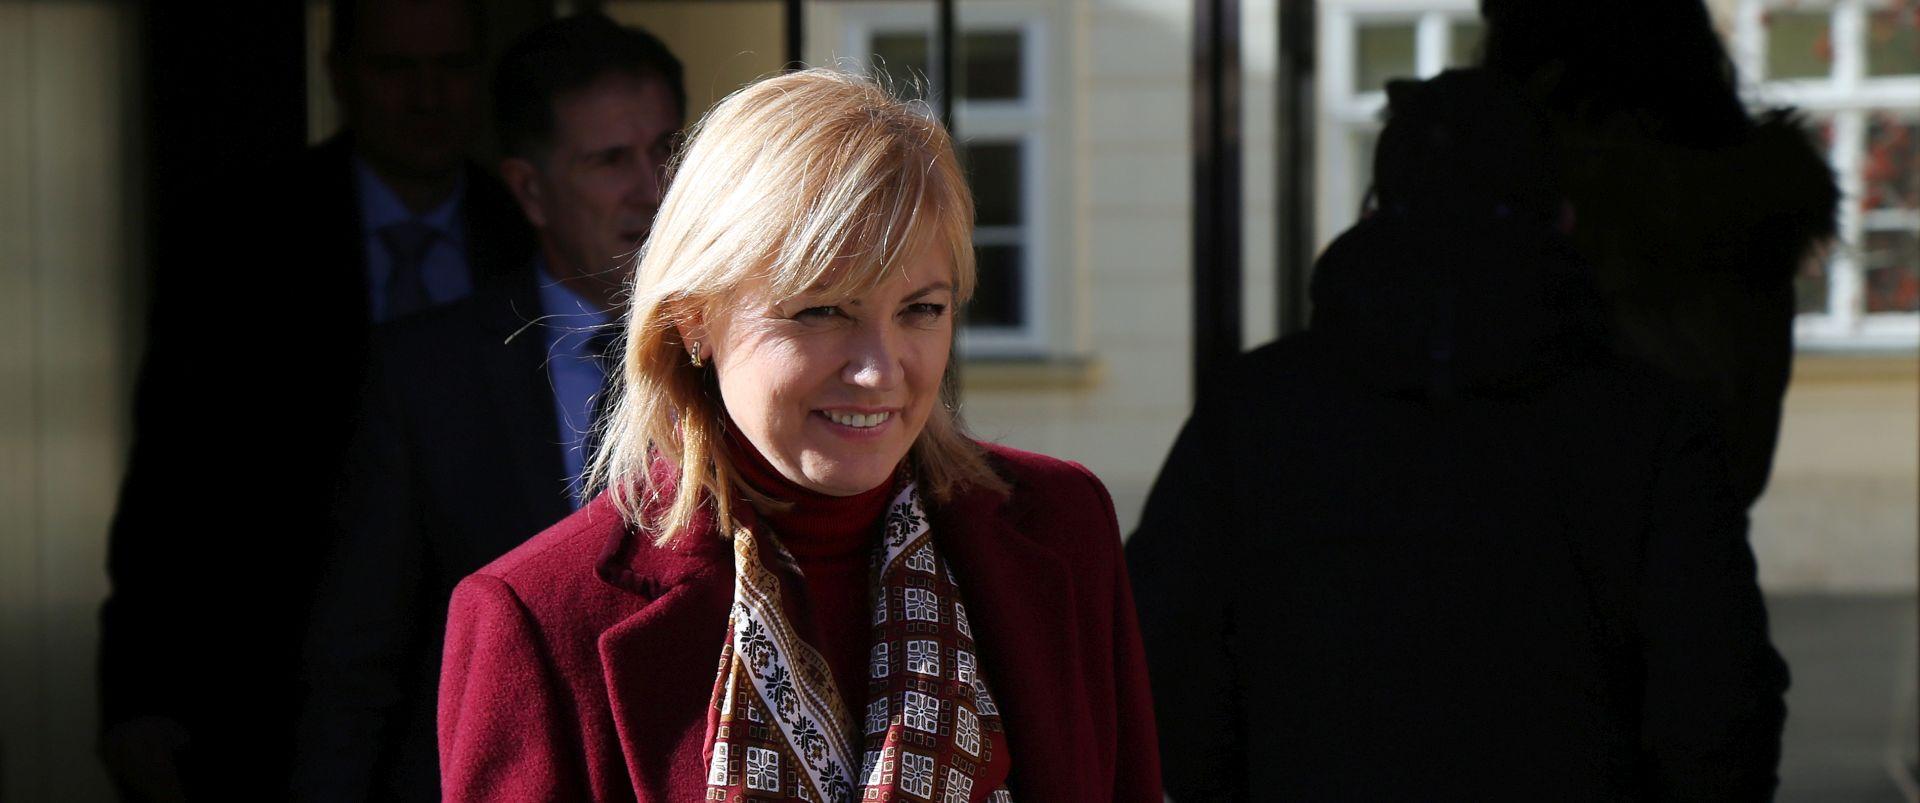 Bernardica Juretić obećaje: Za svaku bebu roditelji će dobiti 1000 eura